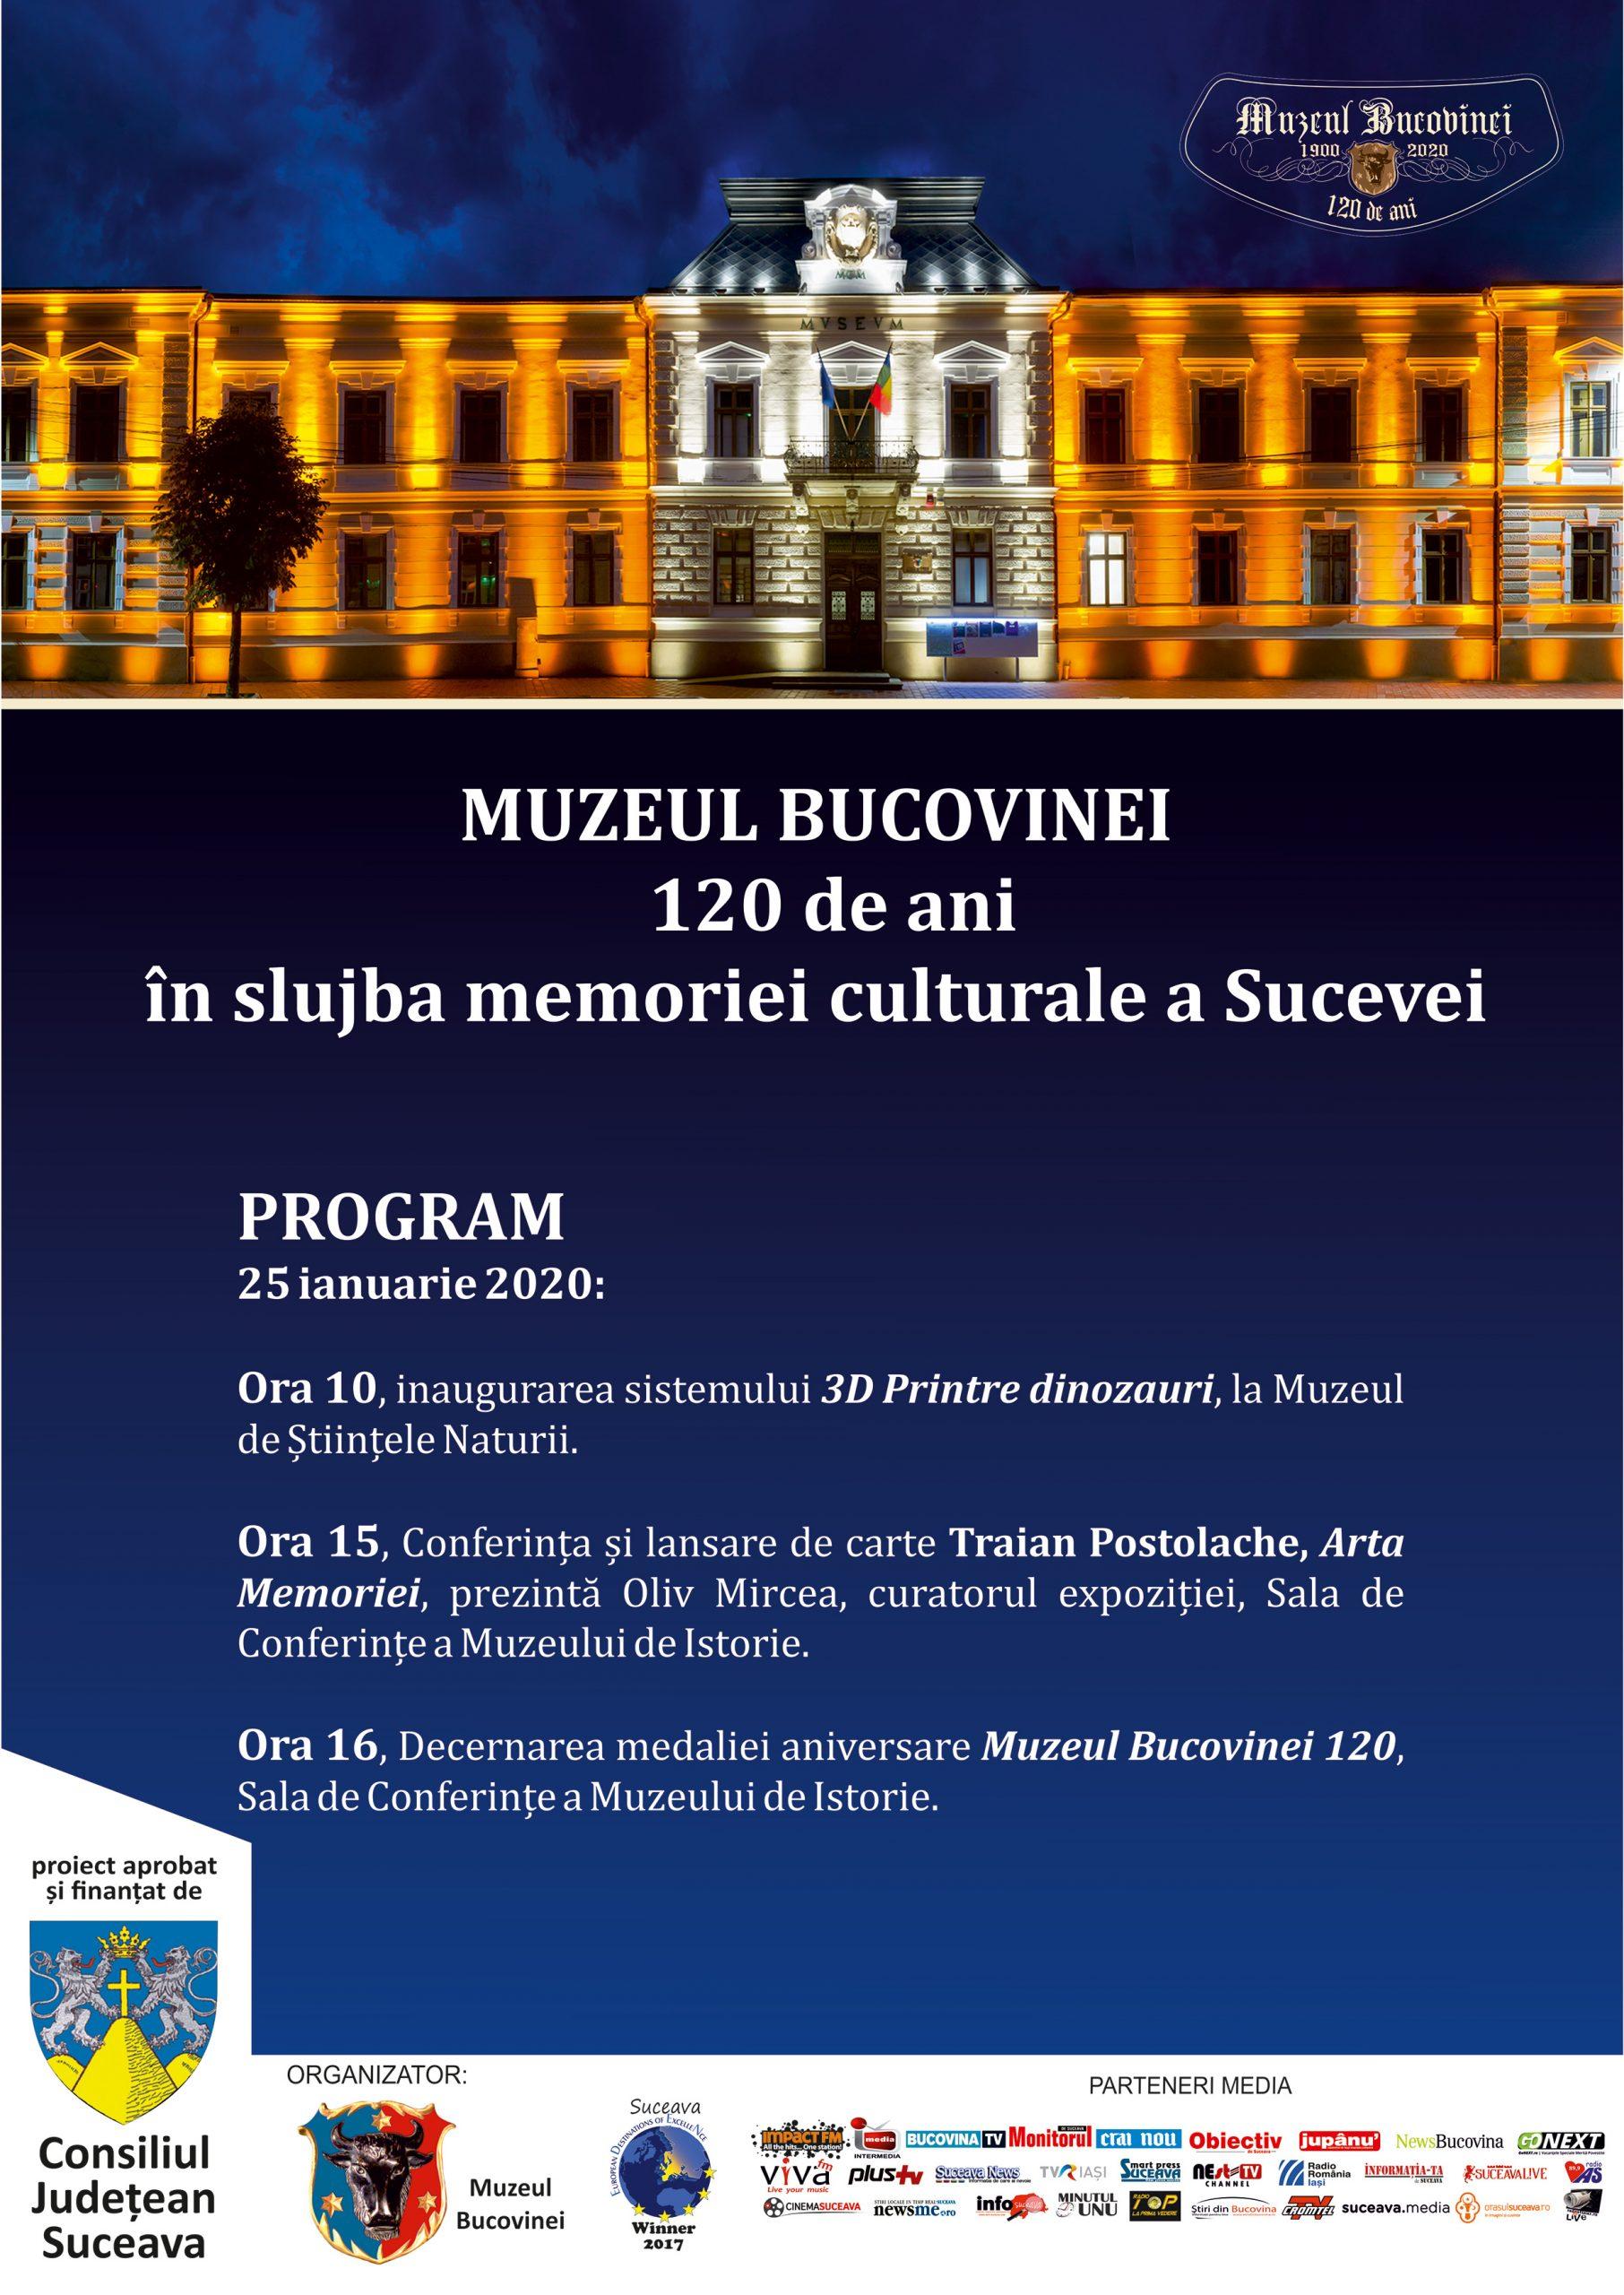 Muzeul Bucovinei - 120 de ani în slujba memoriei culturale a Sucevei